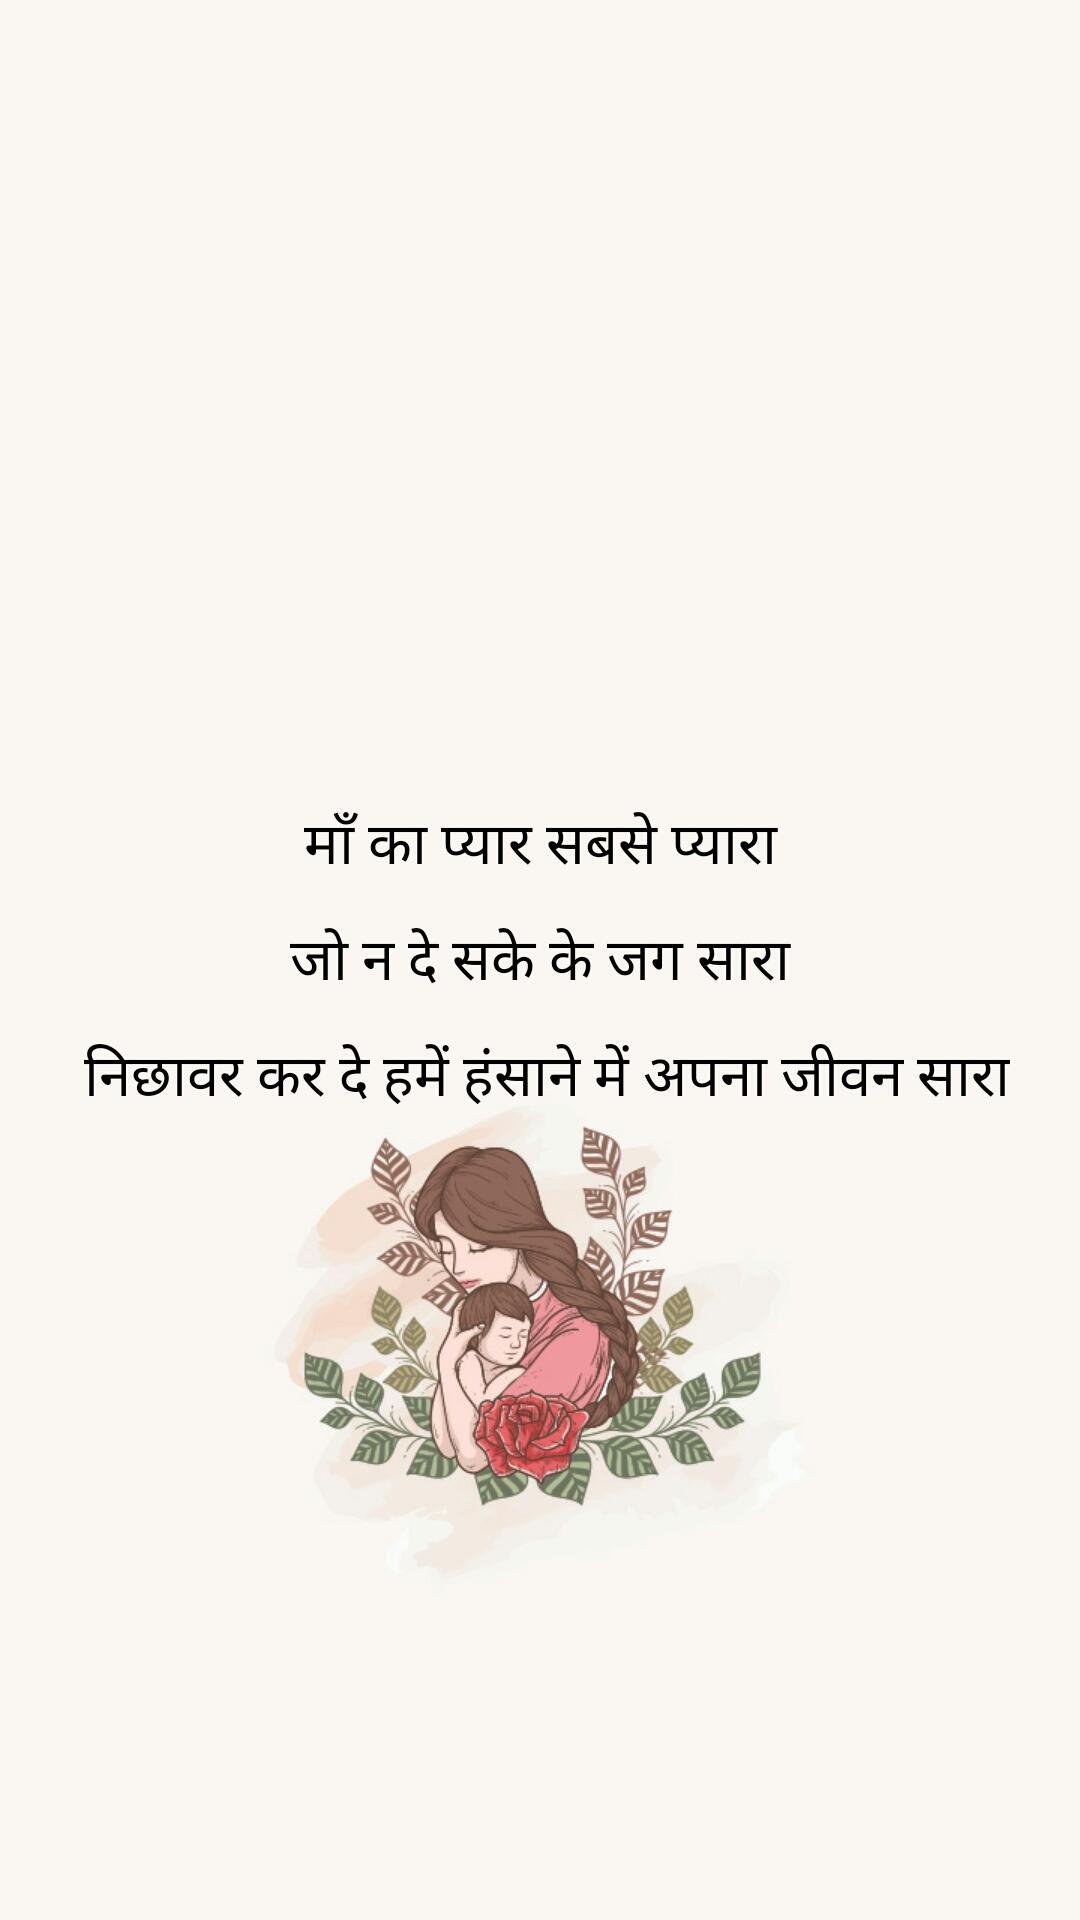 माँ का प्यार सबसे प्यारा  जो न दे सके के जग सारा   निछावर कर दे हमें हंसाने में अपना जीवन सारा